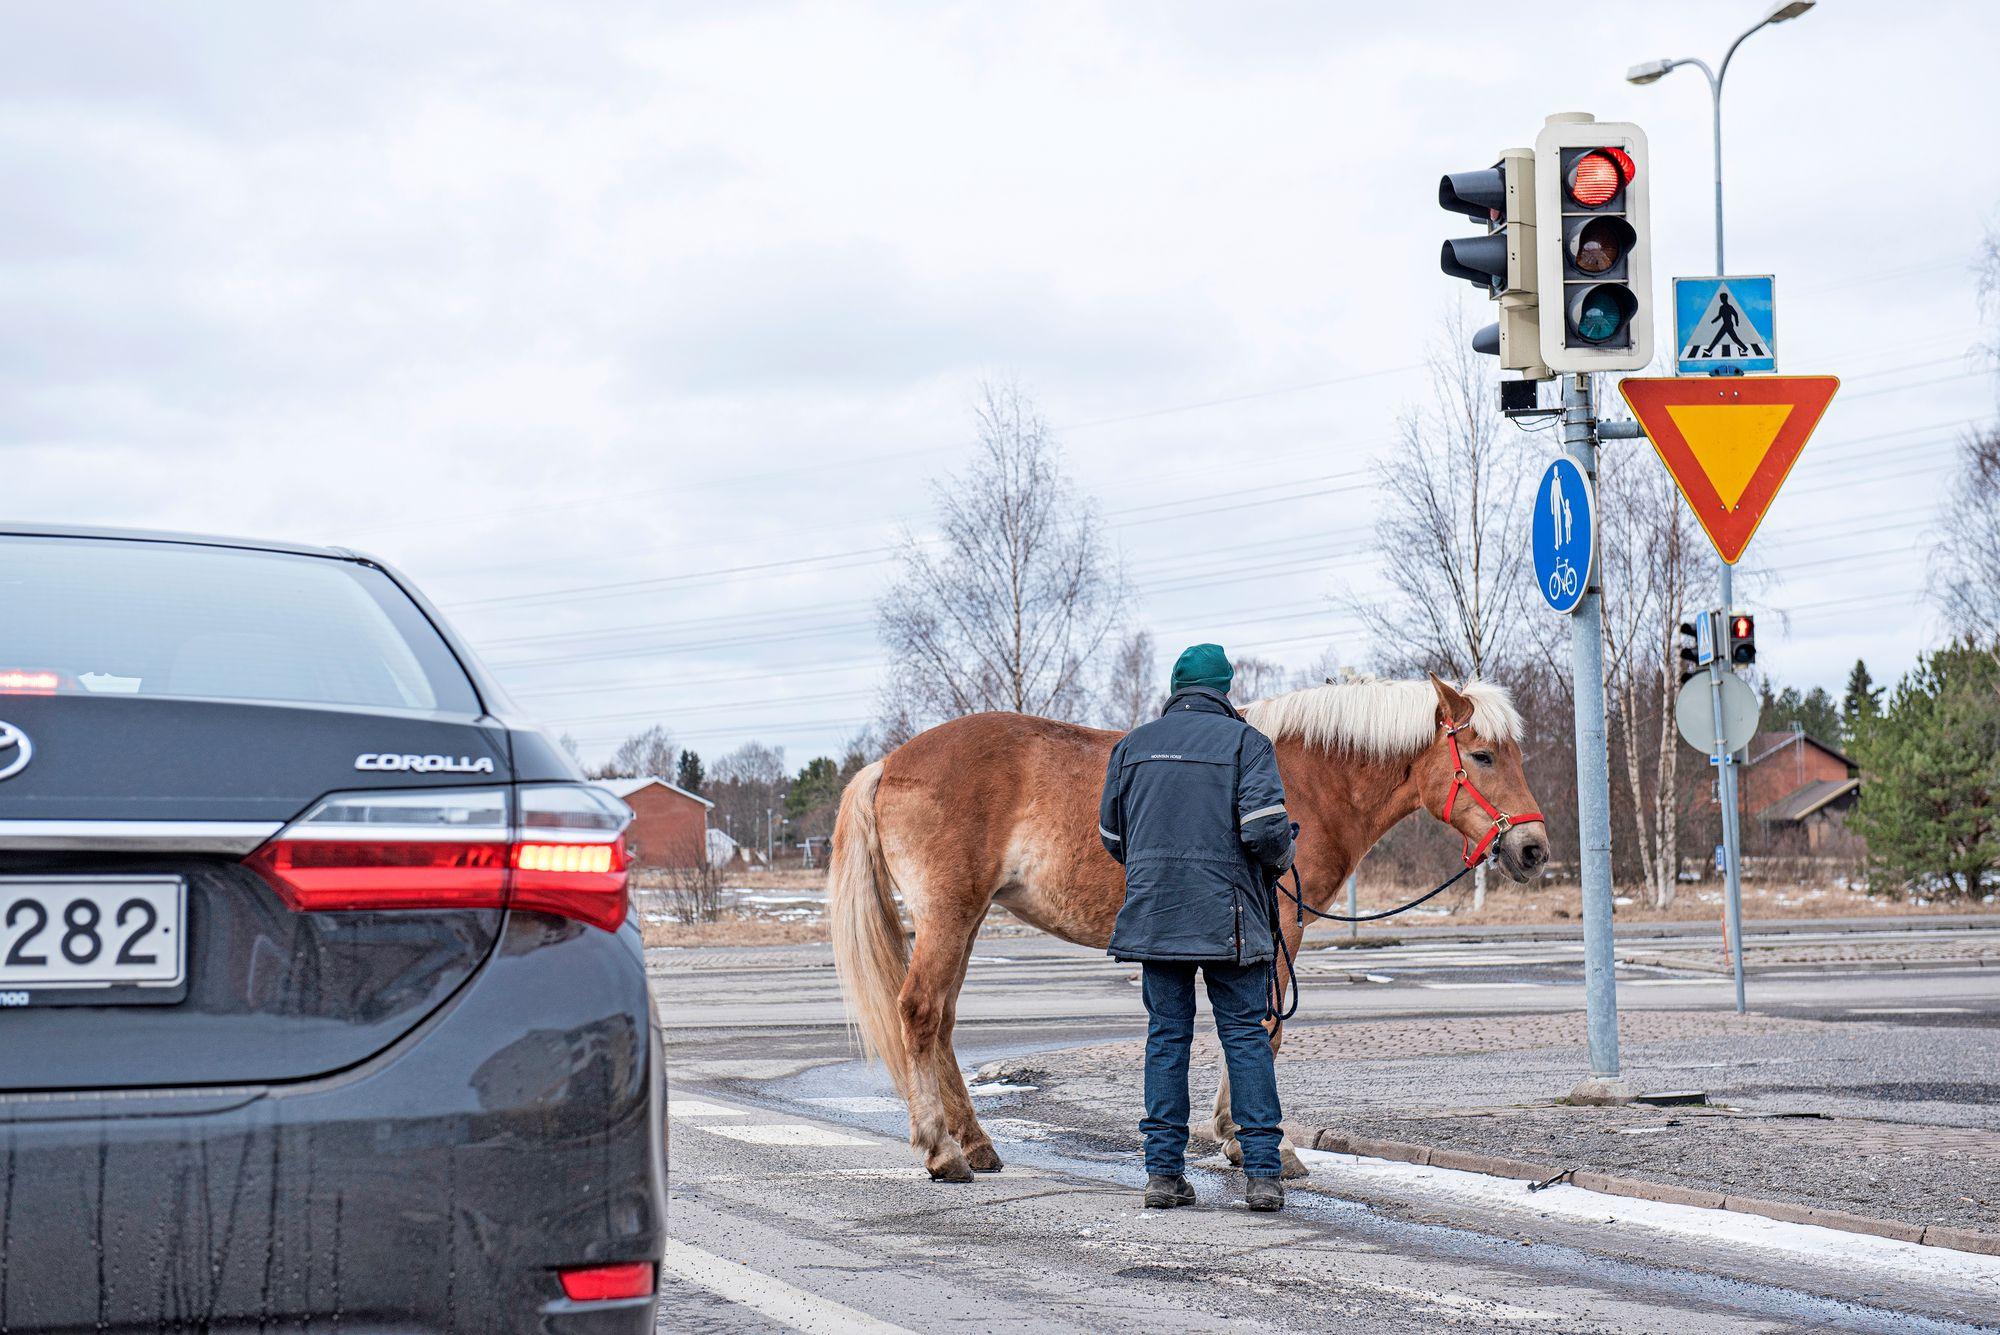 Heikki Mikola rauhoittelee liikenteen humussa hieman levottomaksi käynyttä hevostaan. © Vesa Tyni